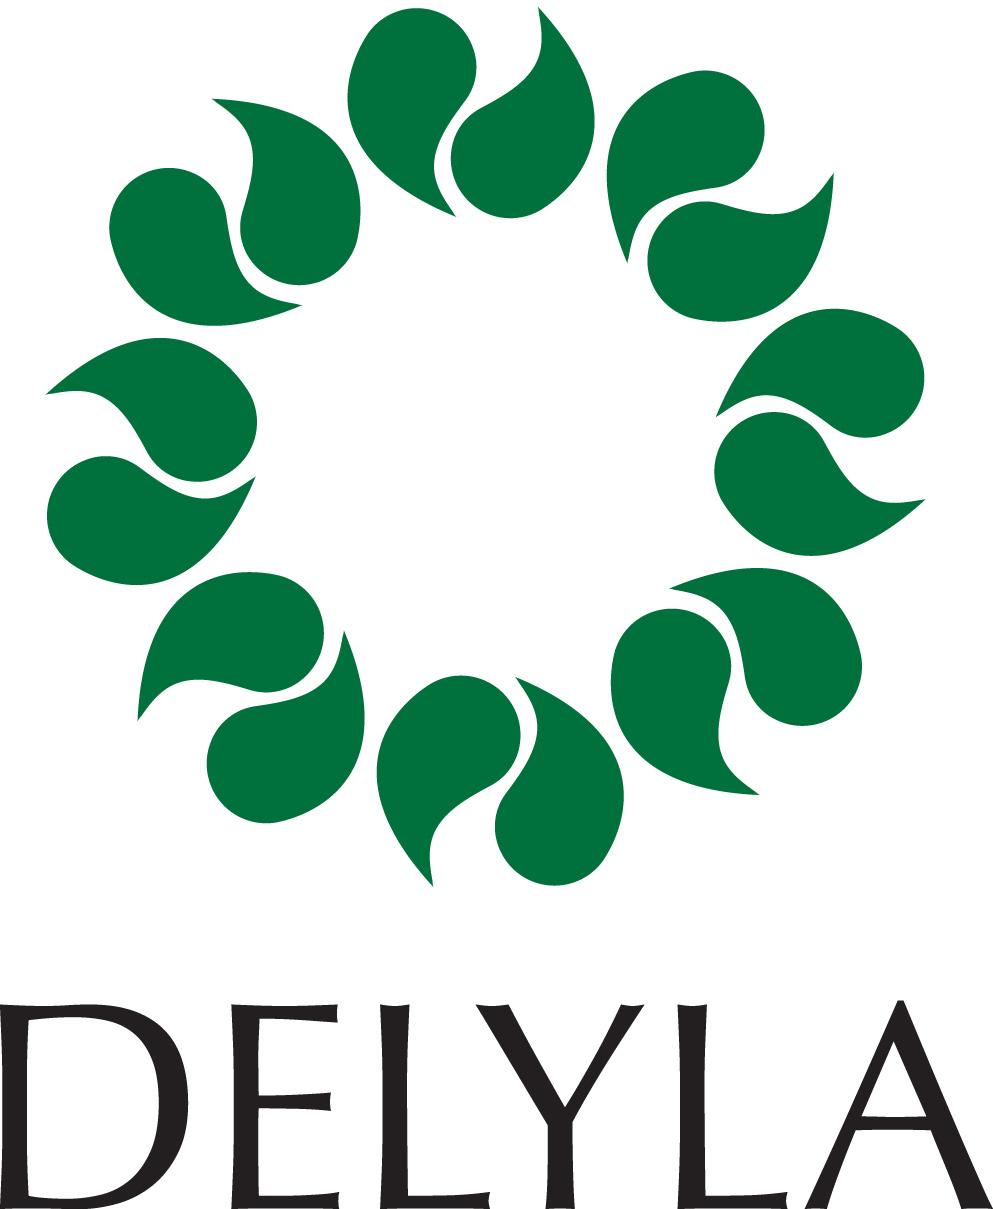 delyla_logo offical.jpg